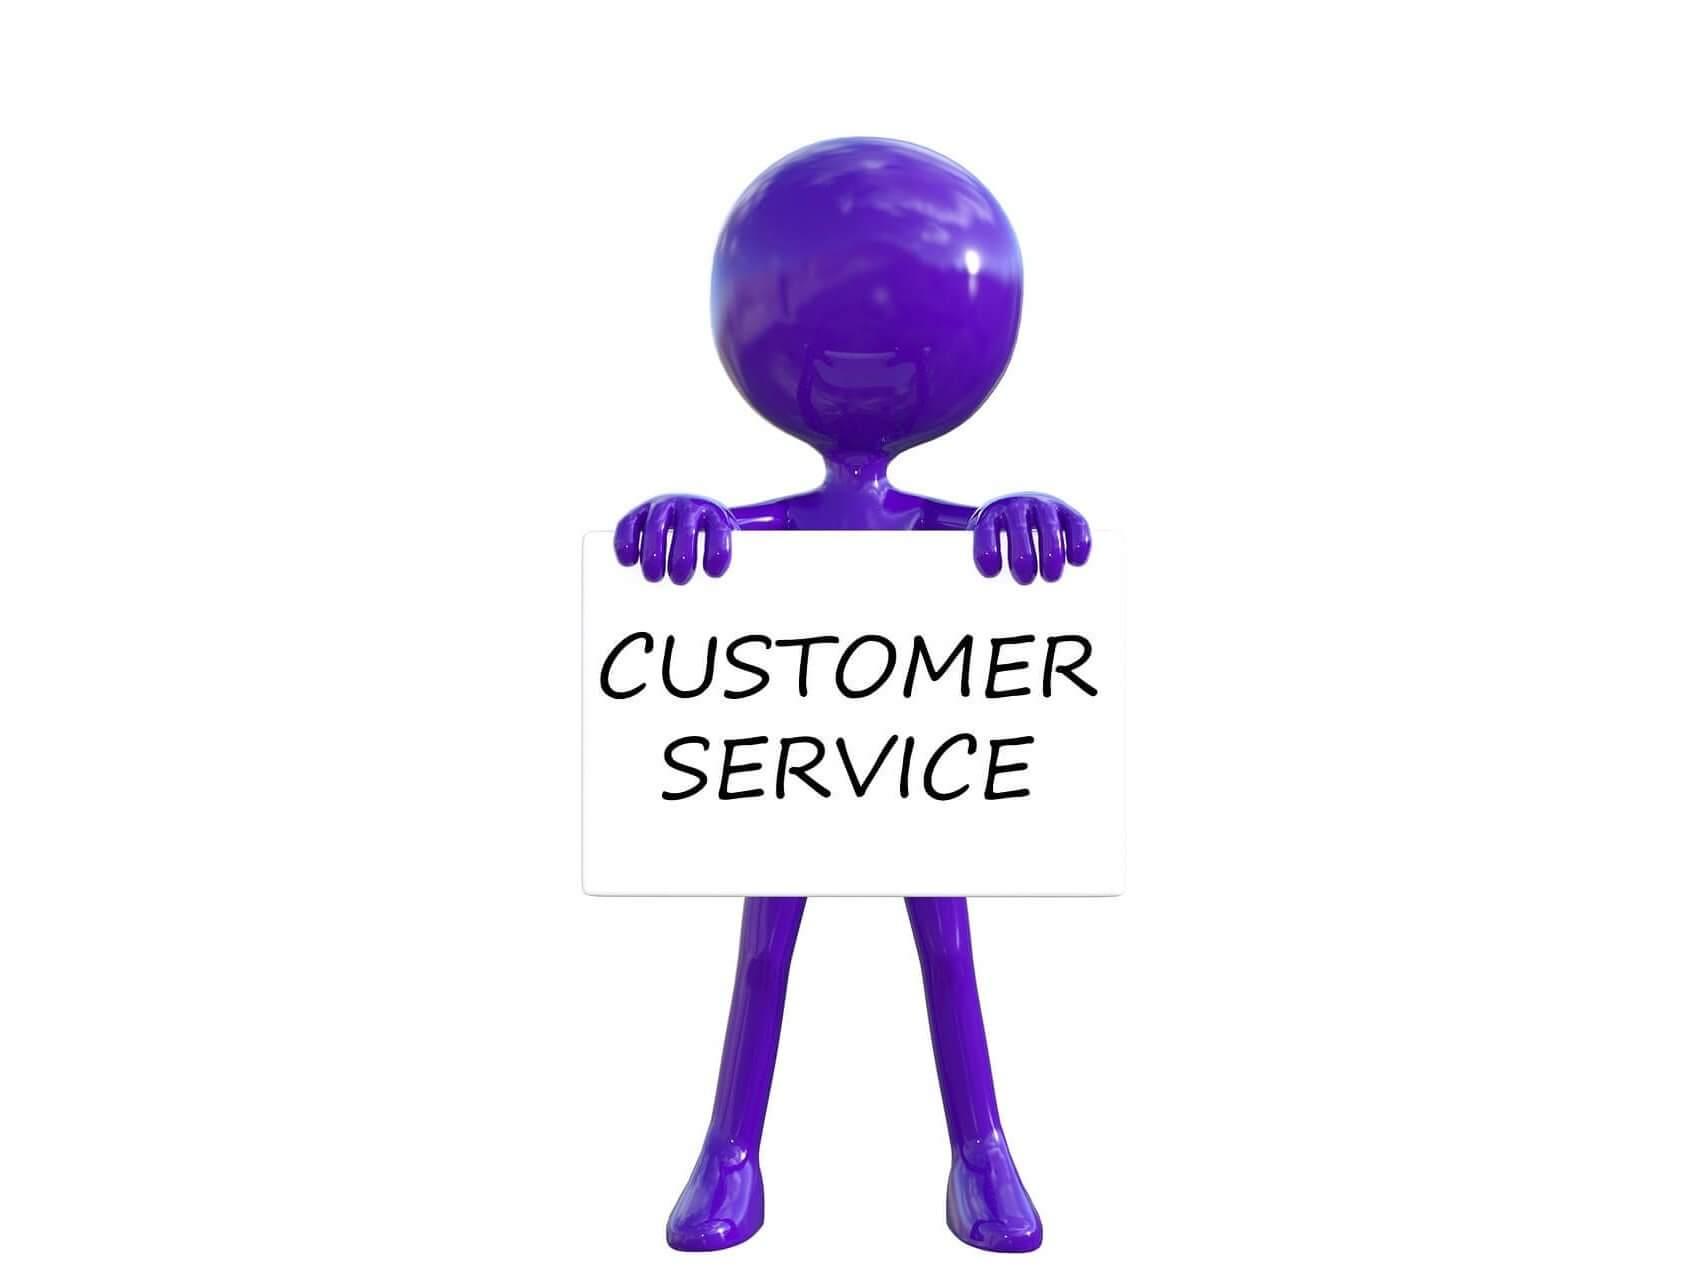 Pastón servicio de atención al cliente